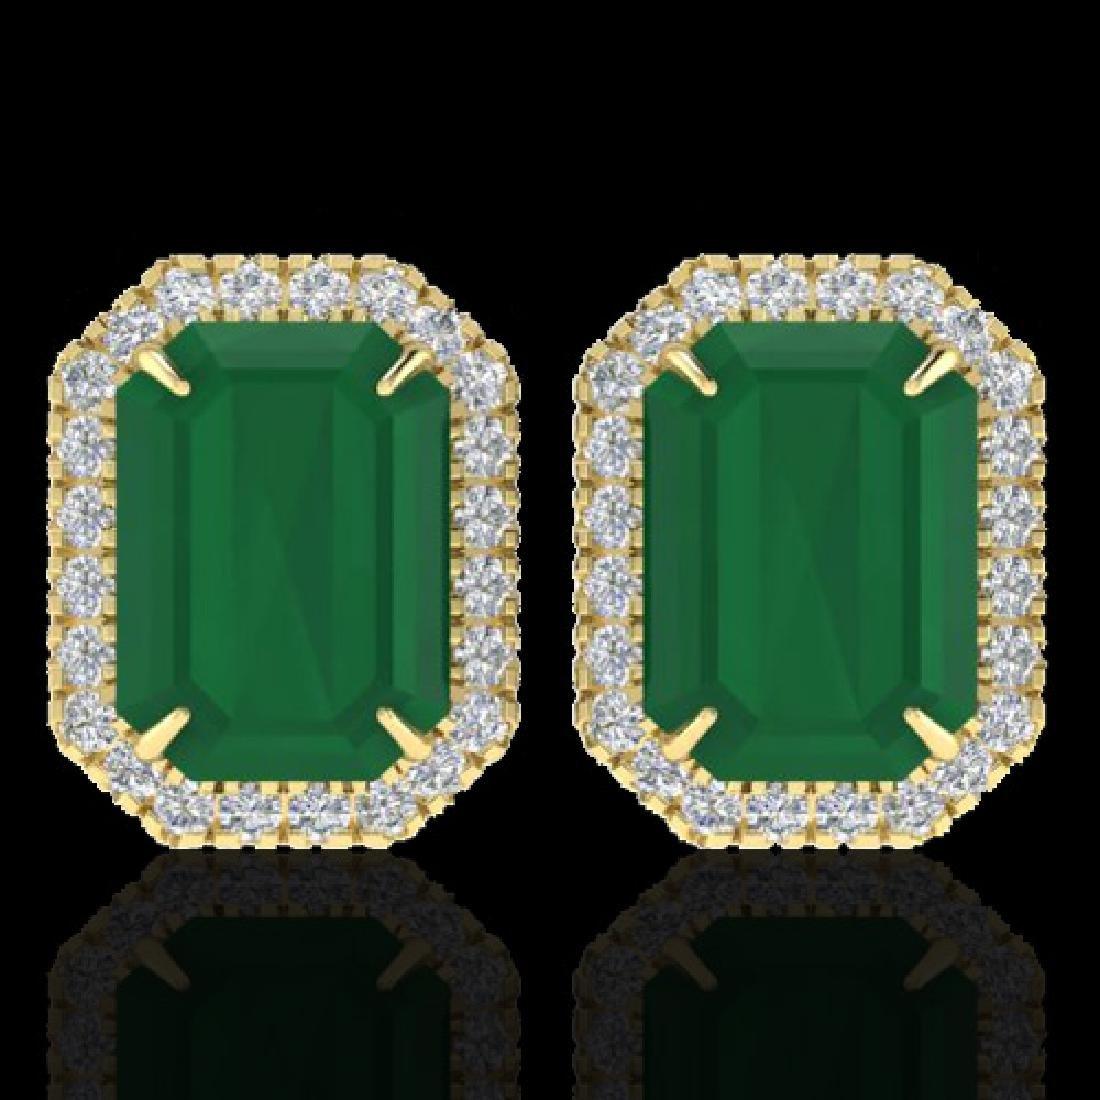 10.40 CTW Emerald & Micro Pave VS/SI Diamond Halo